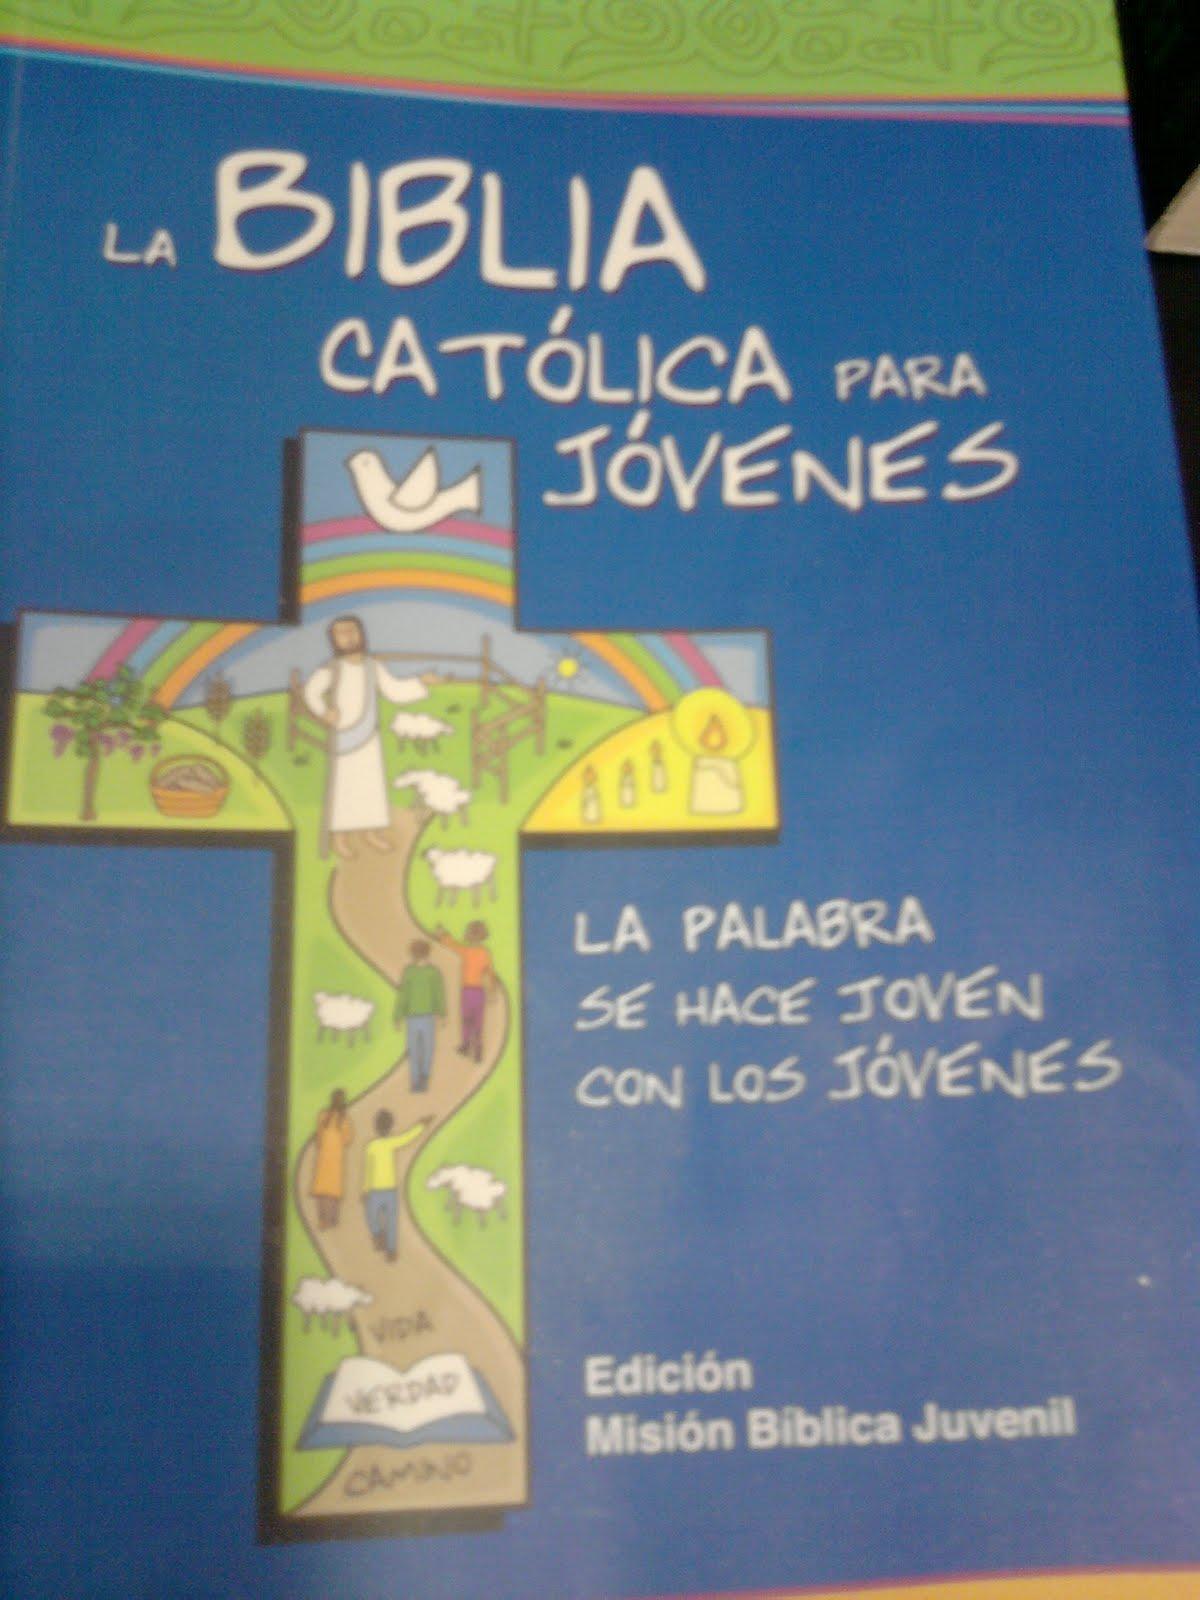 http://1.bp.blogspot.com/_PAmWp_sAdfs/TFIytpbu-NI/AAAAAAAAACU/UD8r7N01fGI/s1600/libros.jpg